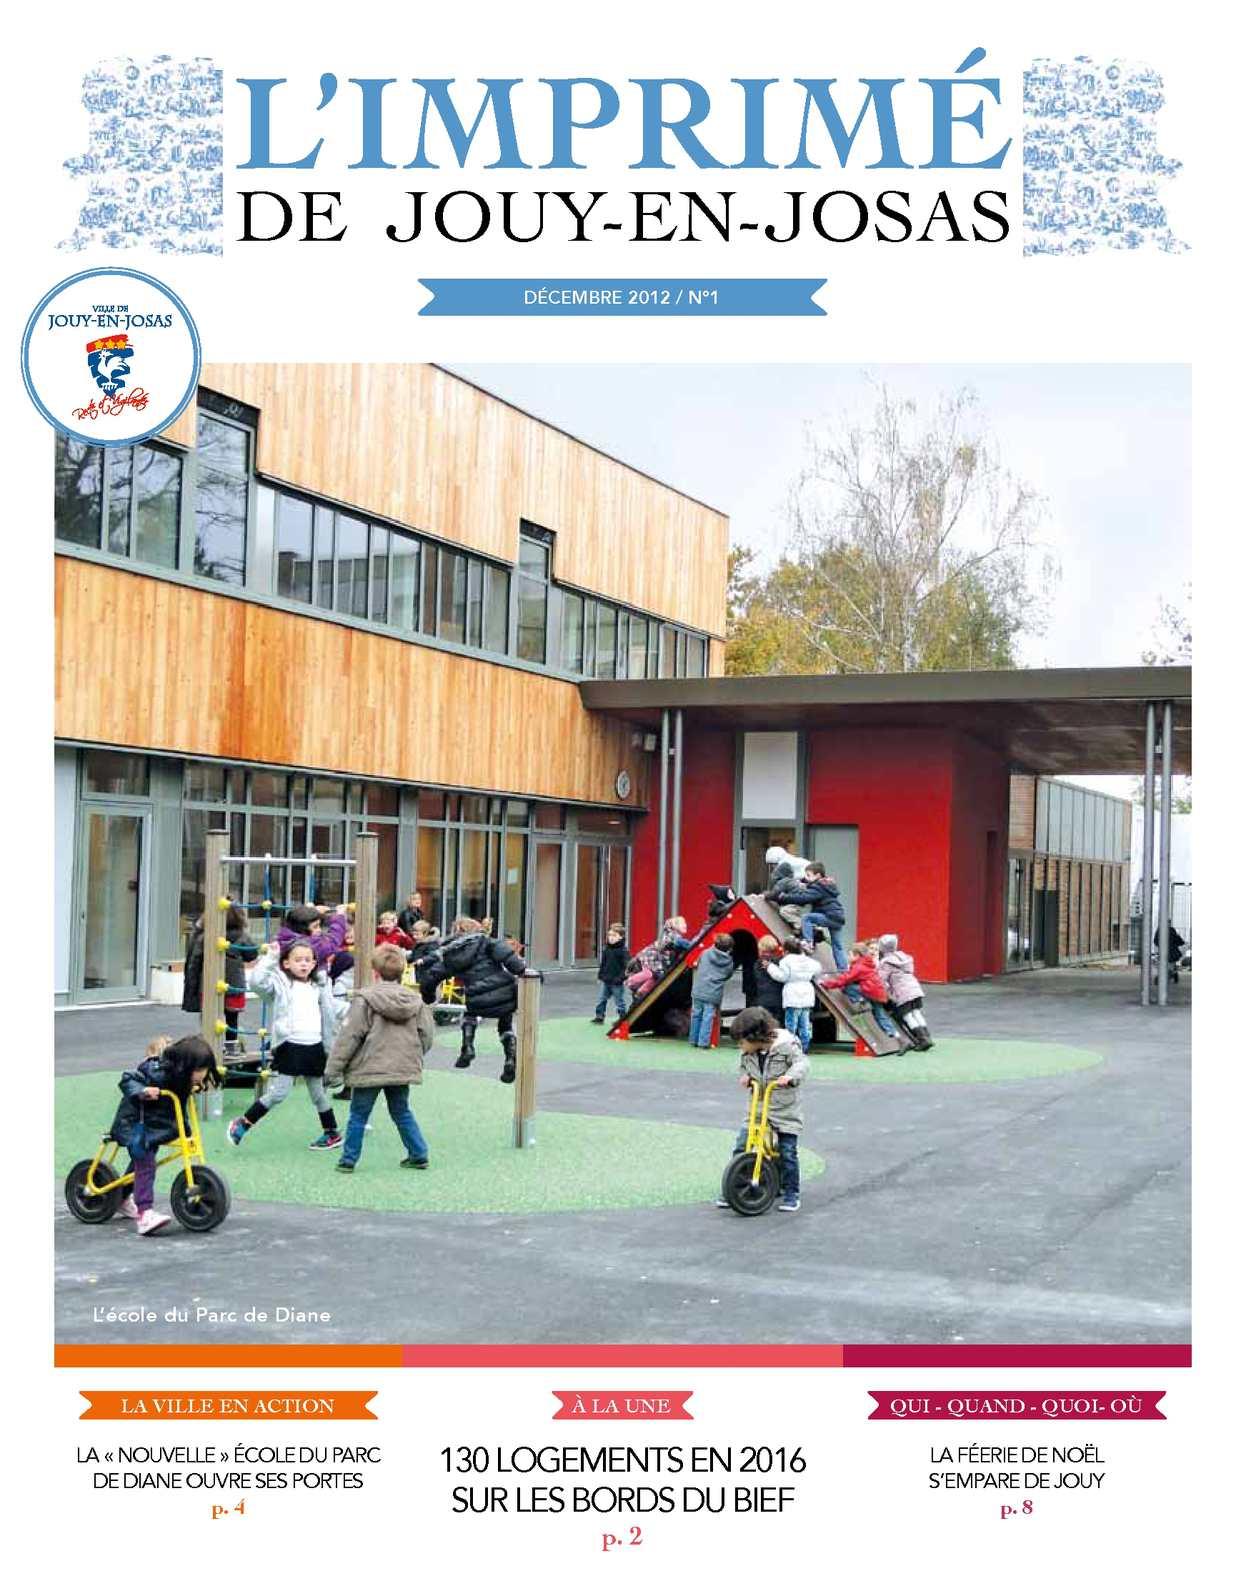 Calam o l 39 imprim de jouy en josas n 1 d cembre 2012 for Garage jouy en josas